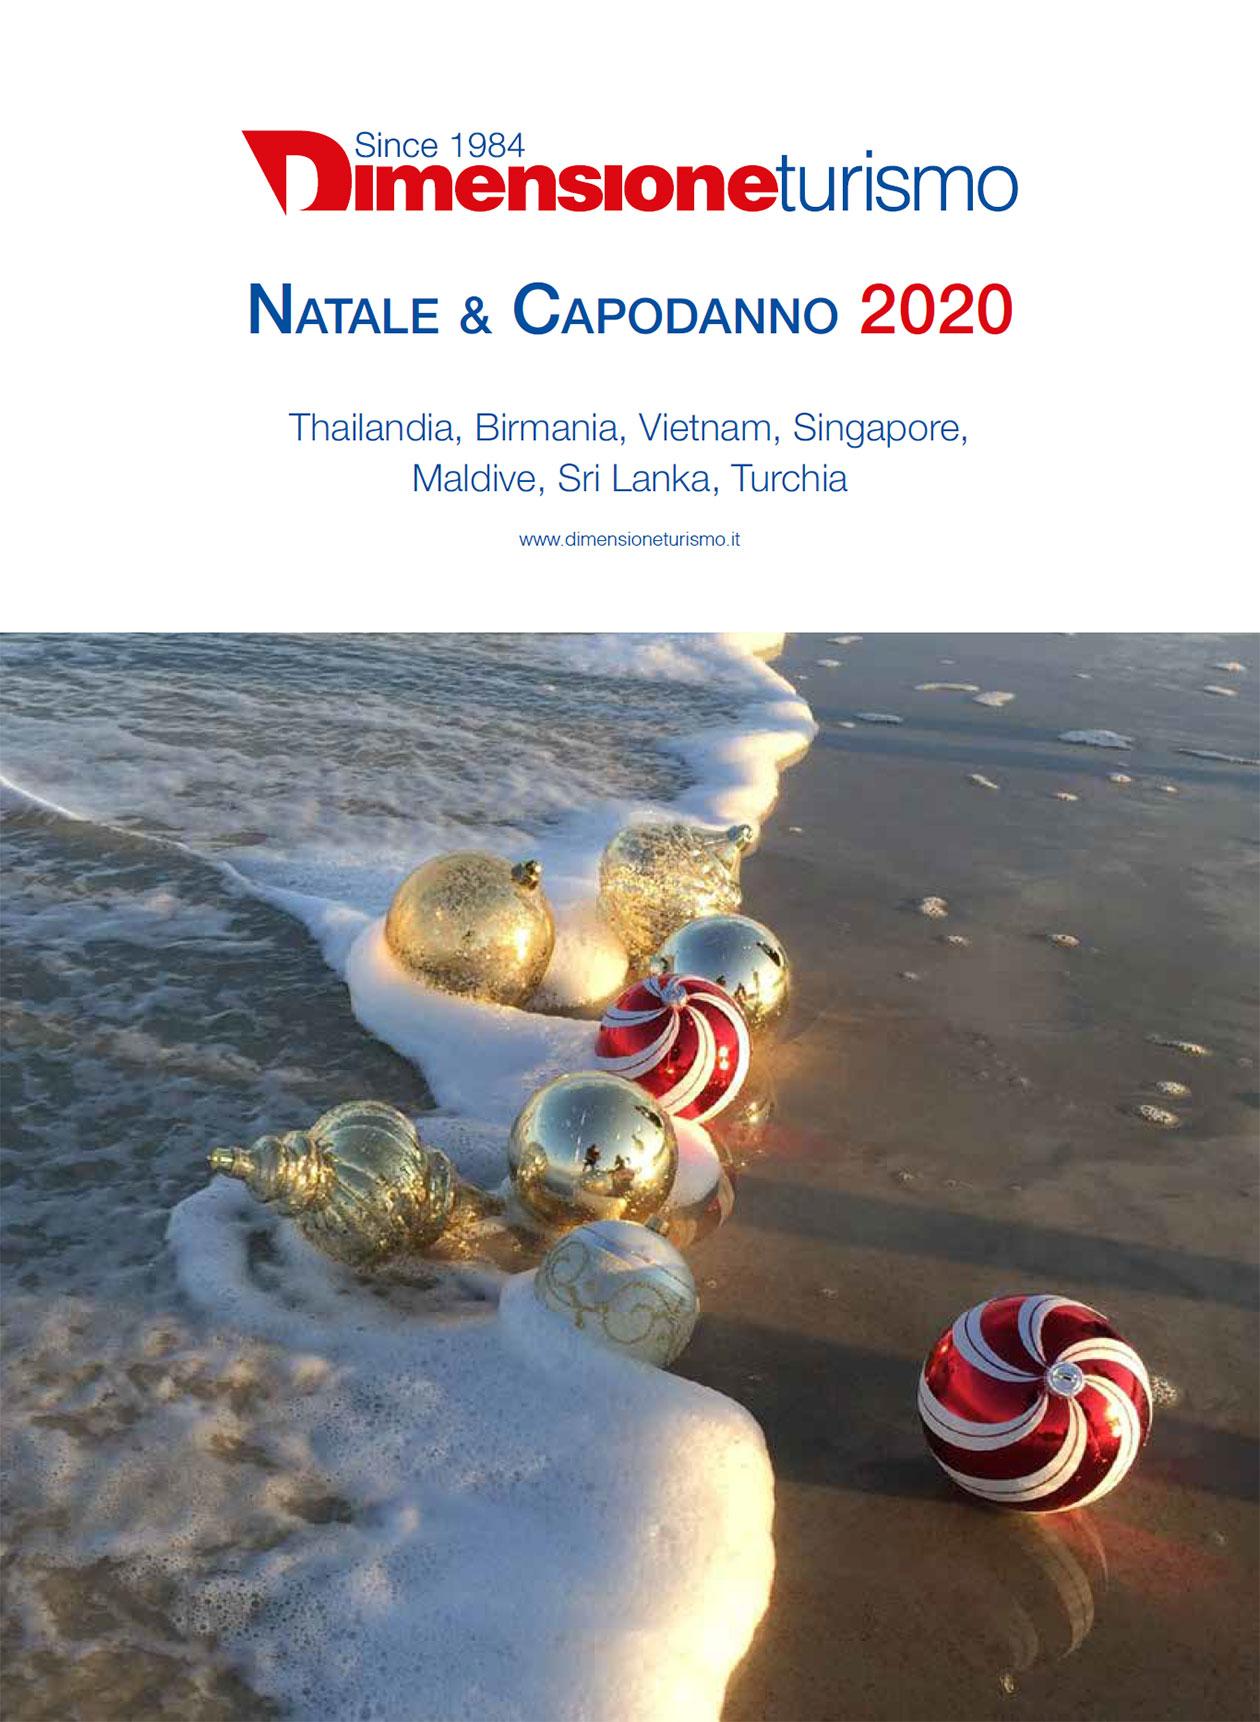 Copertina brochure Natale & Capodanno